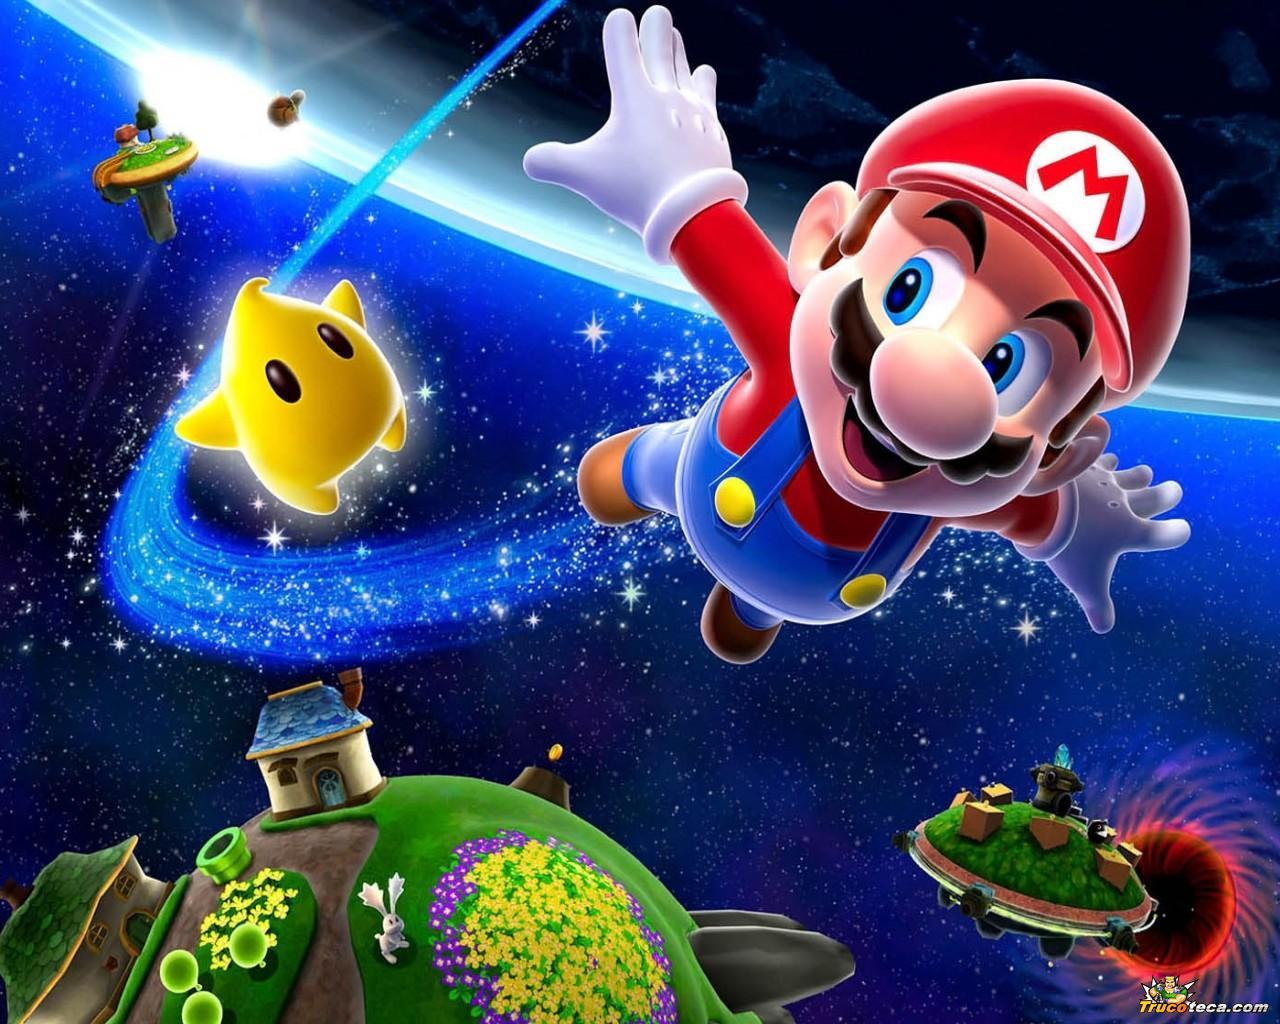 Juegos infantiles divertidos de Mario Bros y Luigi para niños niñas y jovenes. Juegos Barbie Bratz Pucca Mario